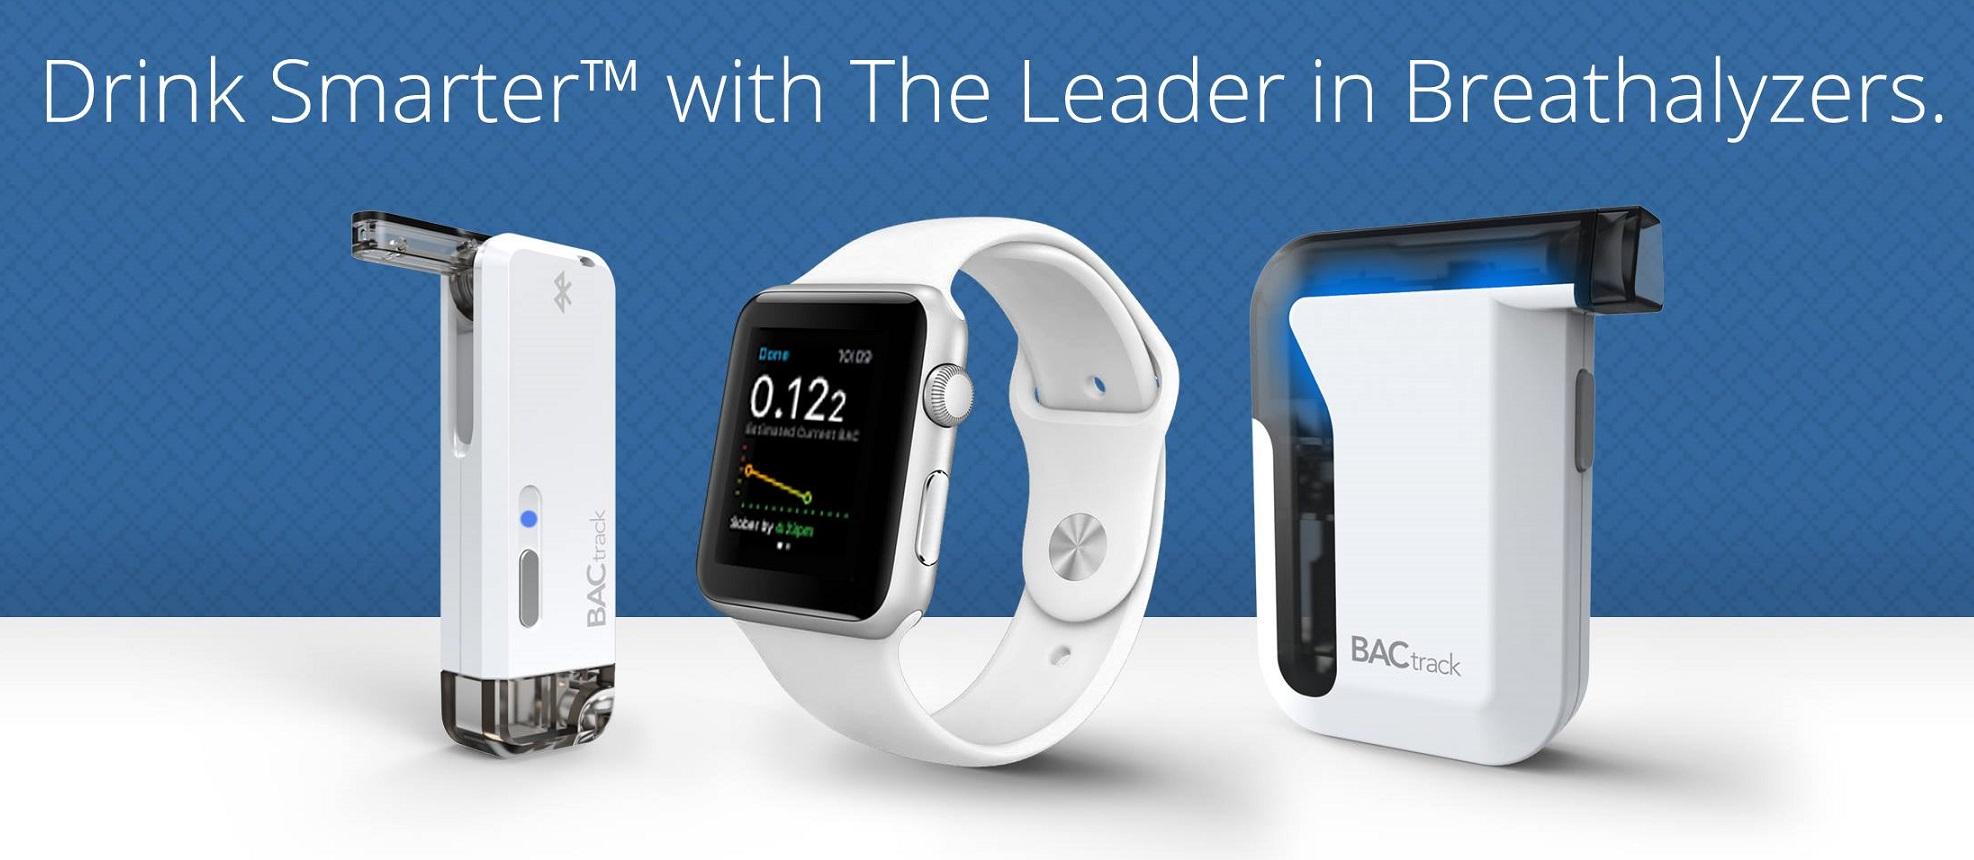 BACtrack oferuje kilka inteligentnych alkomatów. Jest nawet łączność z Apple Watchem. Ubieralny Skyn mierzy poziom alkoholu przez krew (reszta bardziej tradycyjnie, czyli z wydychanego powietrza).